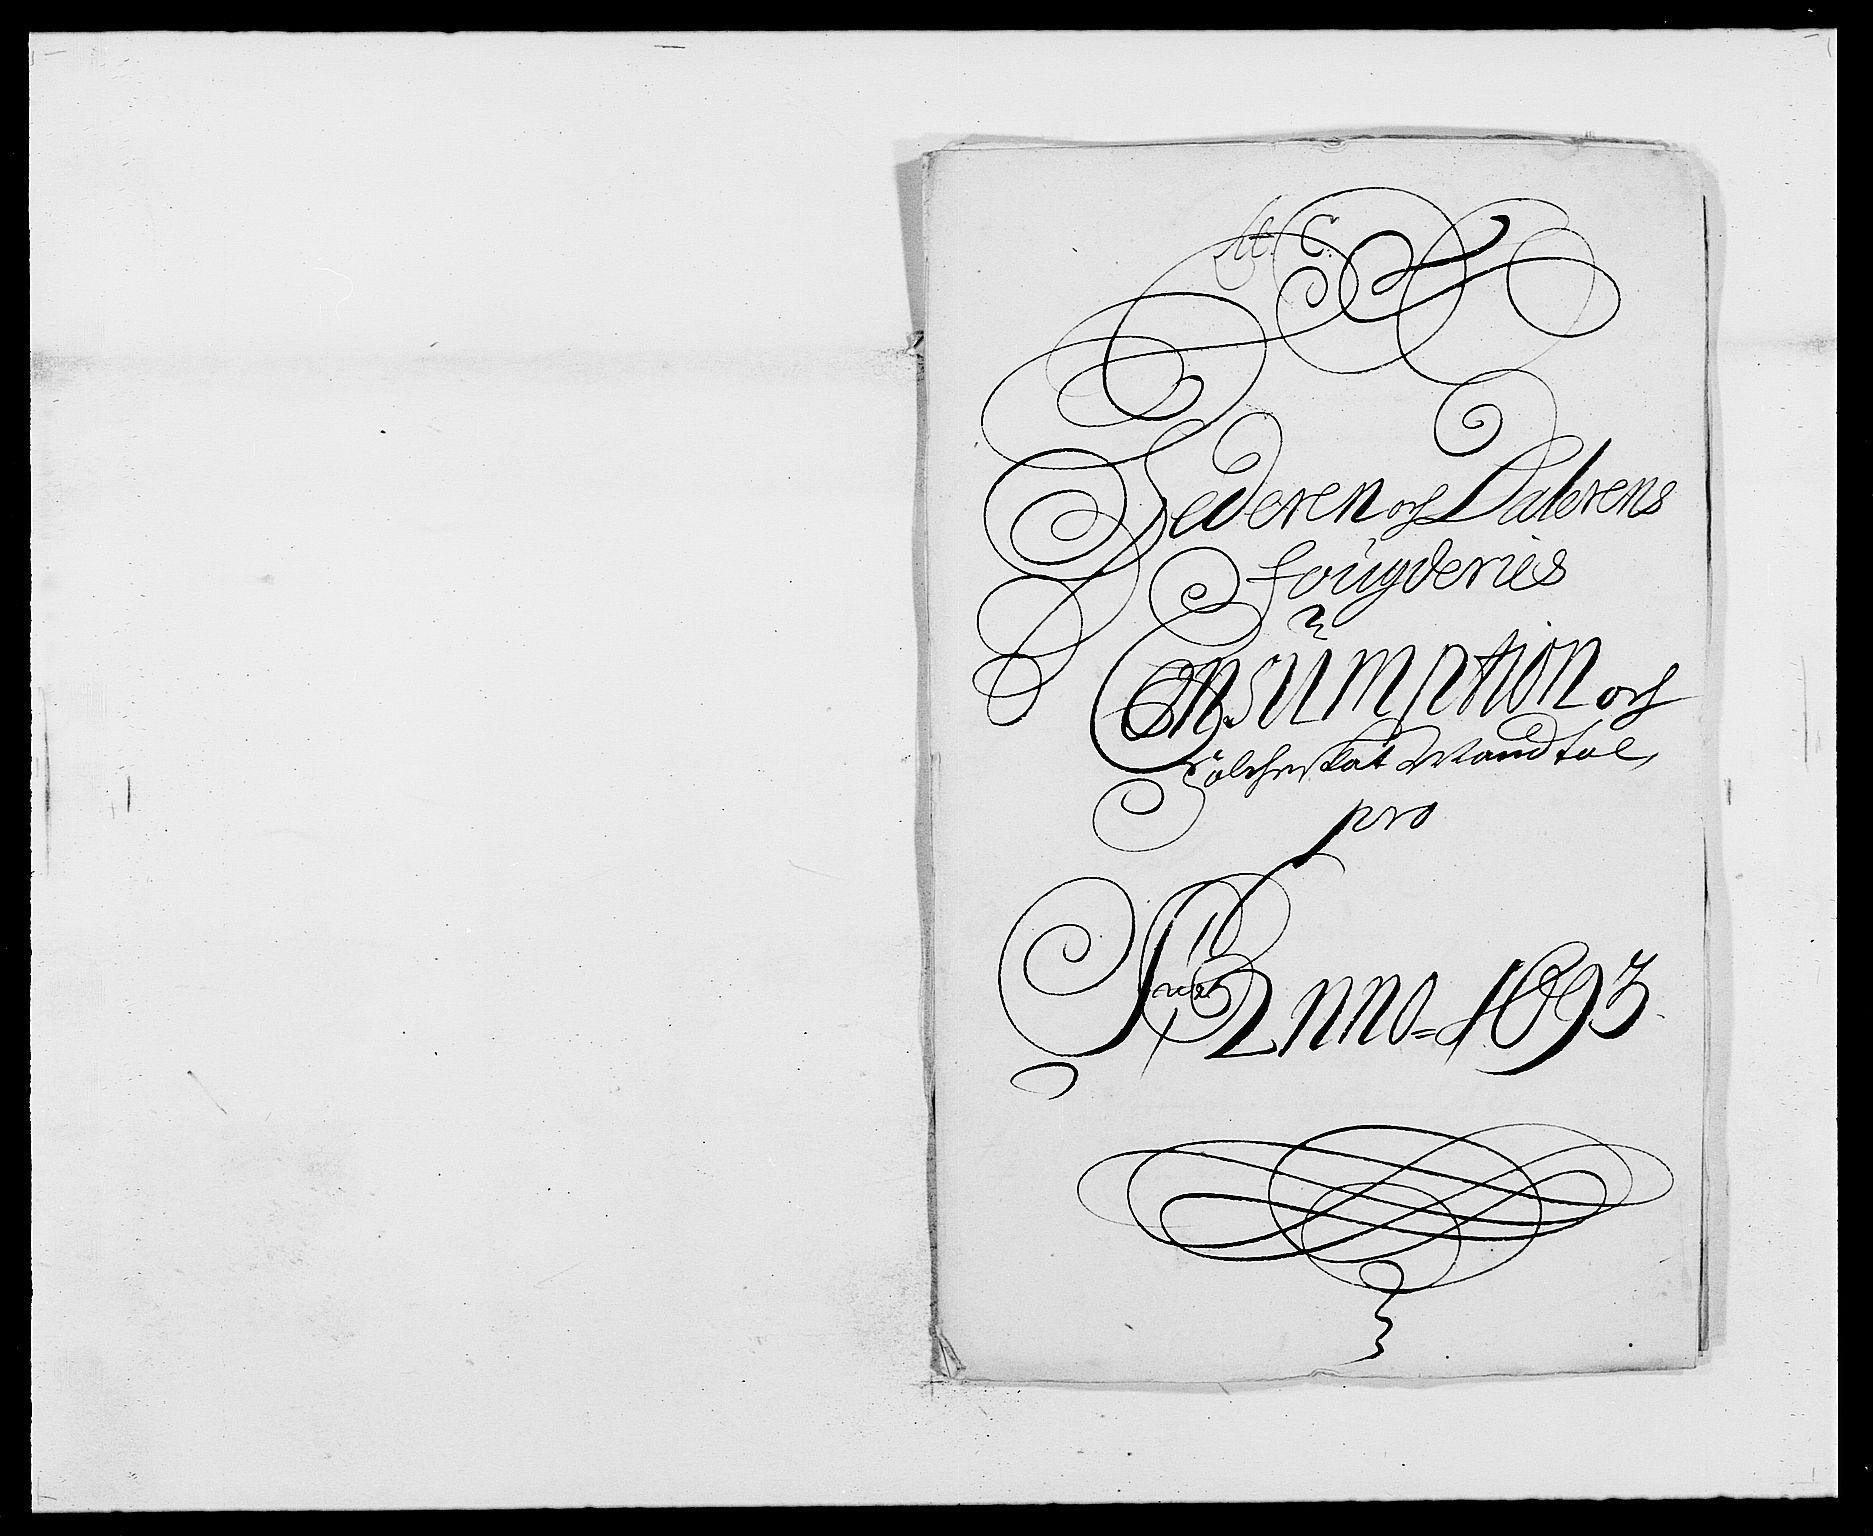 RA, Rentekammeret inntil 1814, Reviderte regnskaper, Fogderegnskap, R46/L2727: Fogderegnskap Jæren og Dalane, 1690-1693, s. 259